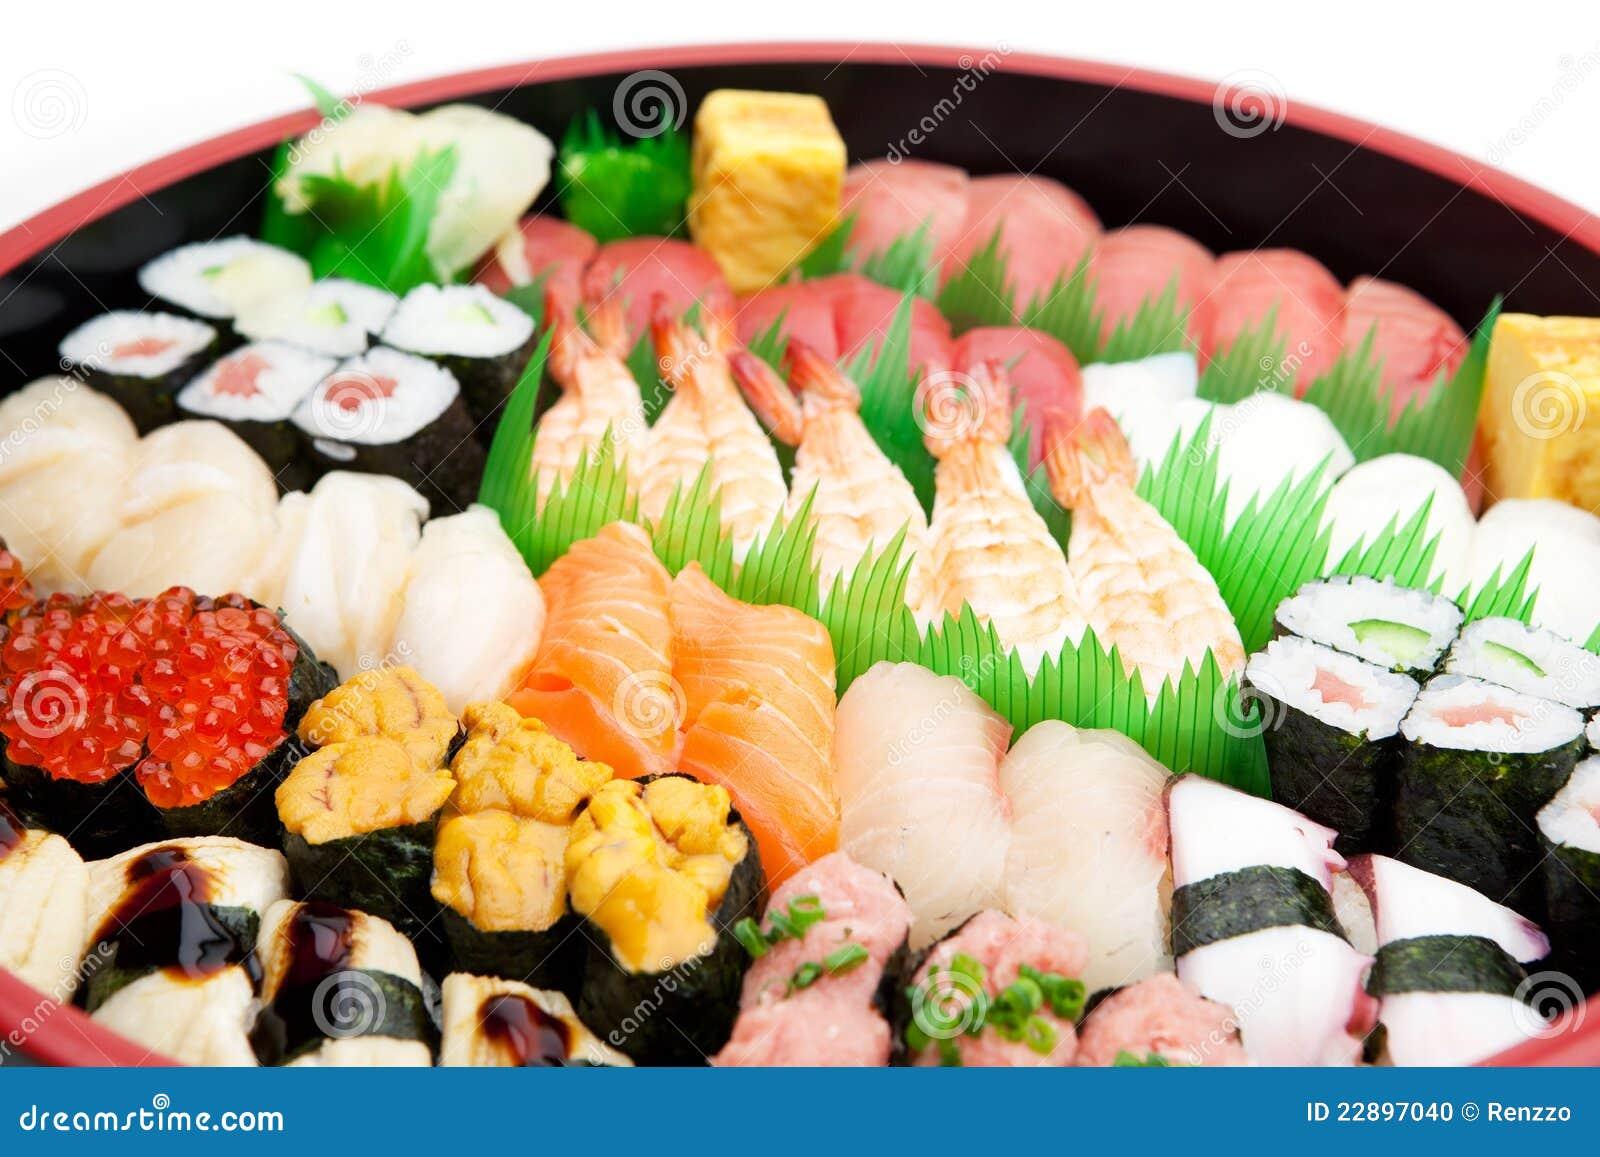 Sushi dispuesto en una bandeja tradicional del sushi